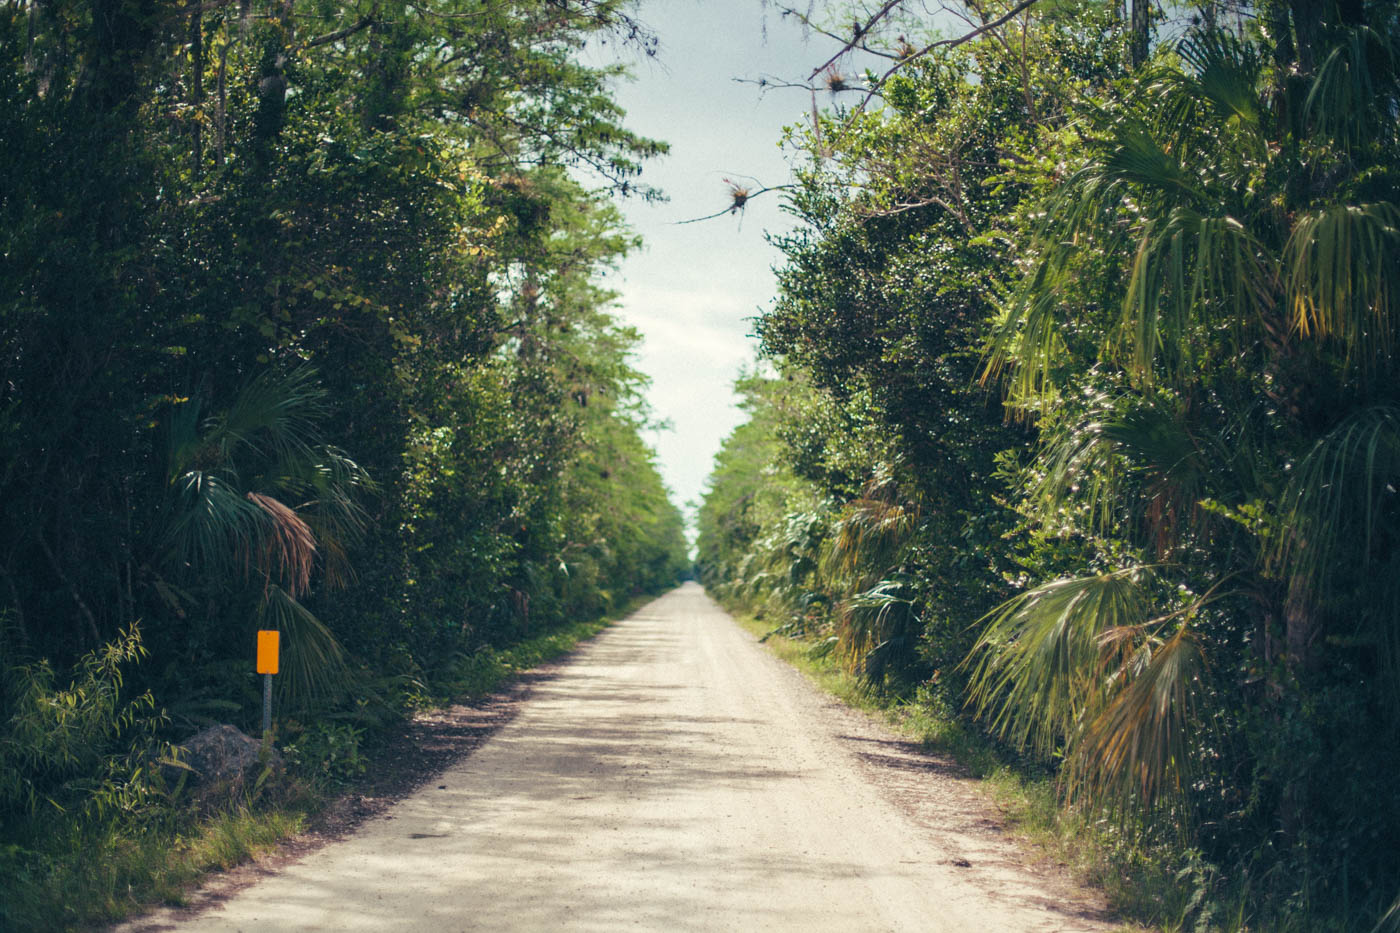 Florida Part 2: Die Everglades und die Golfküste - Der zweite Teil unseres Roadtrips führte uns durch die Everglades bis hin zur südlichen Golfküste - Thomas Brand Sarah Bugar - brand4art Ebersberg München - Fotografie Cinemagraph Fotograf Fotodesign